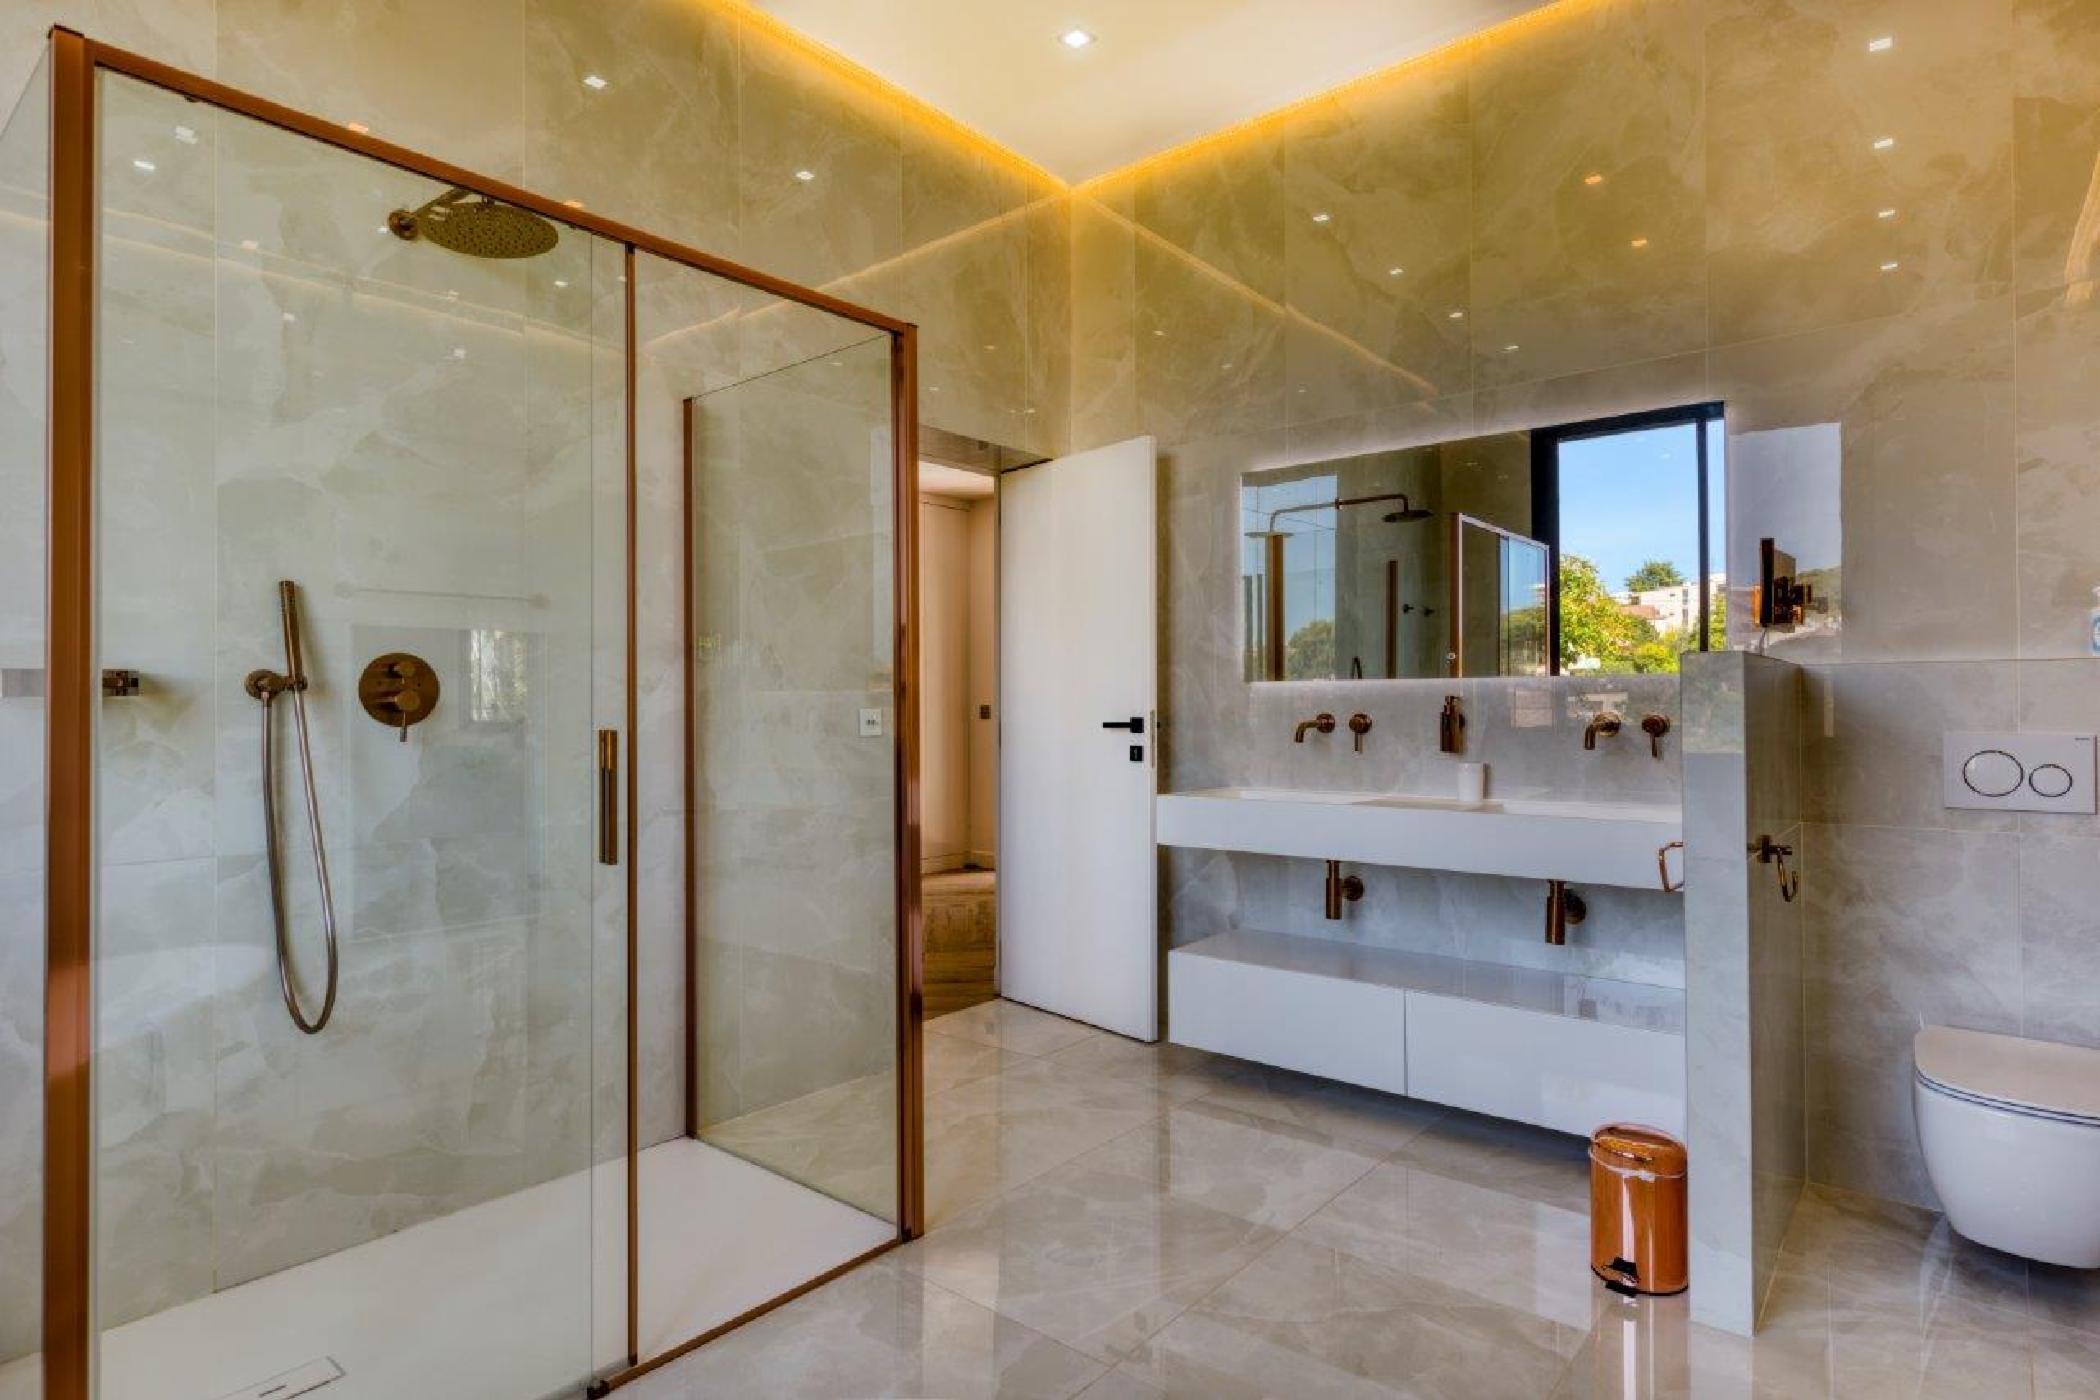 Maison Vue Moderne (1).jpg